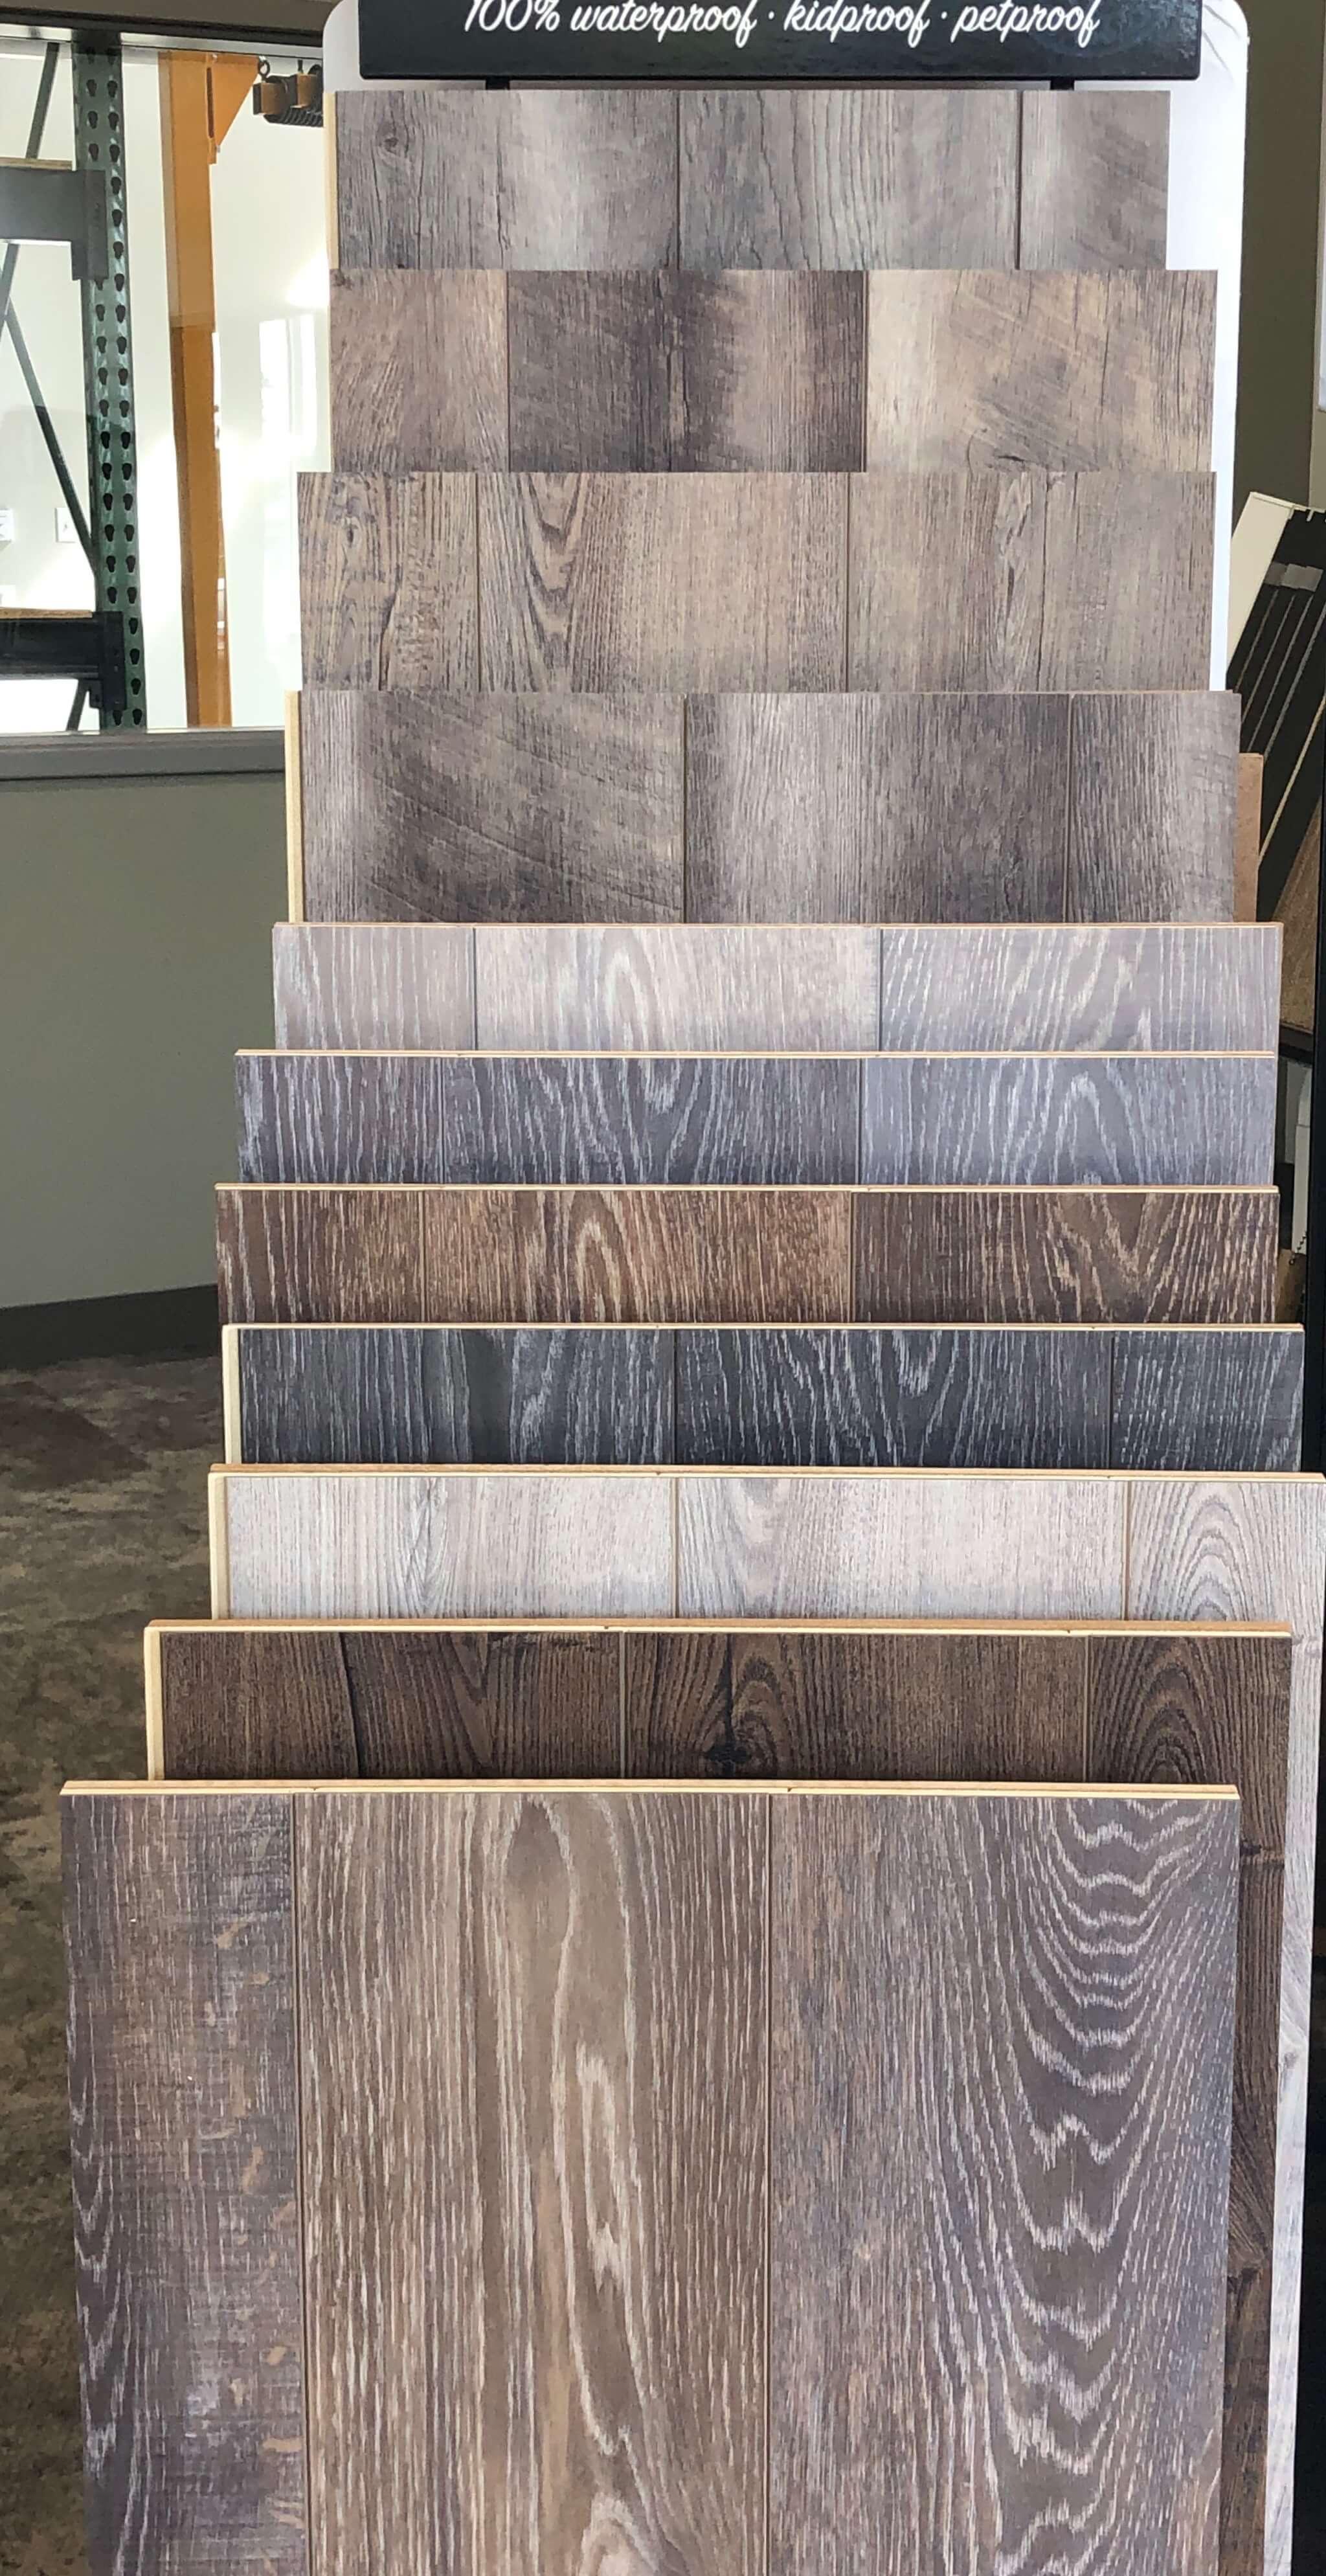 Detailed image of luxury vinyl tile samples at Stanley Steemer floor showroom in Kalamazoo